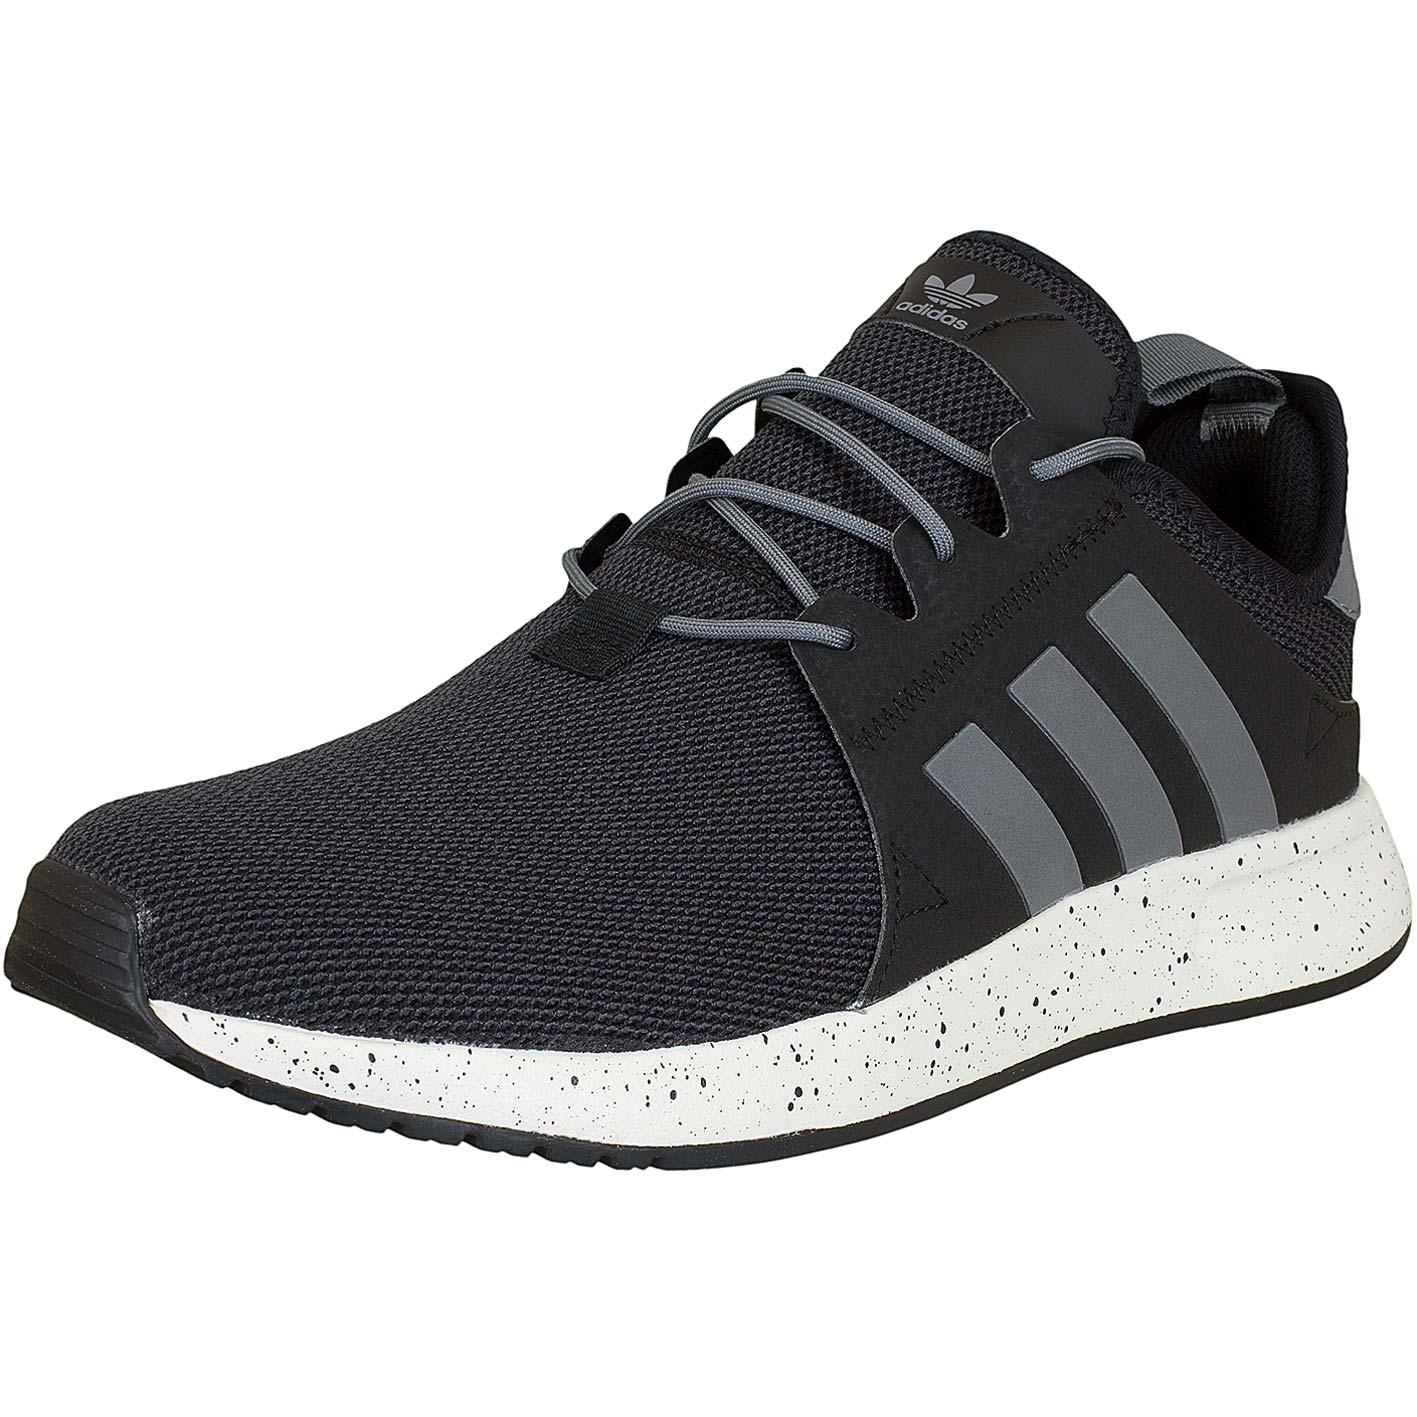 ☆ Adidas Originals Sneaker X PLR schwarz/grau - hier bestellen!